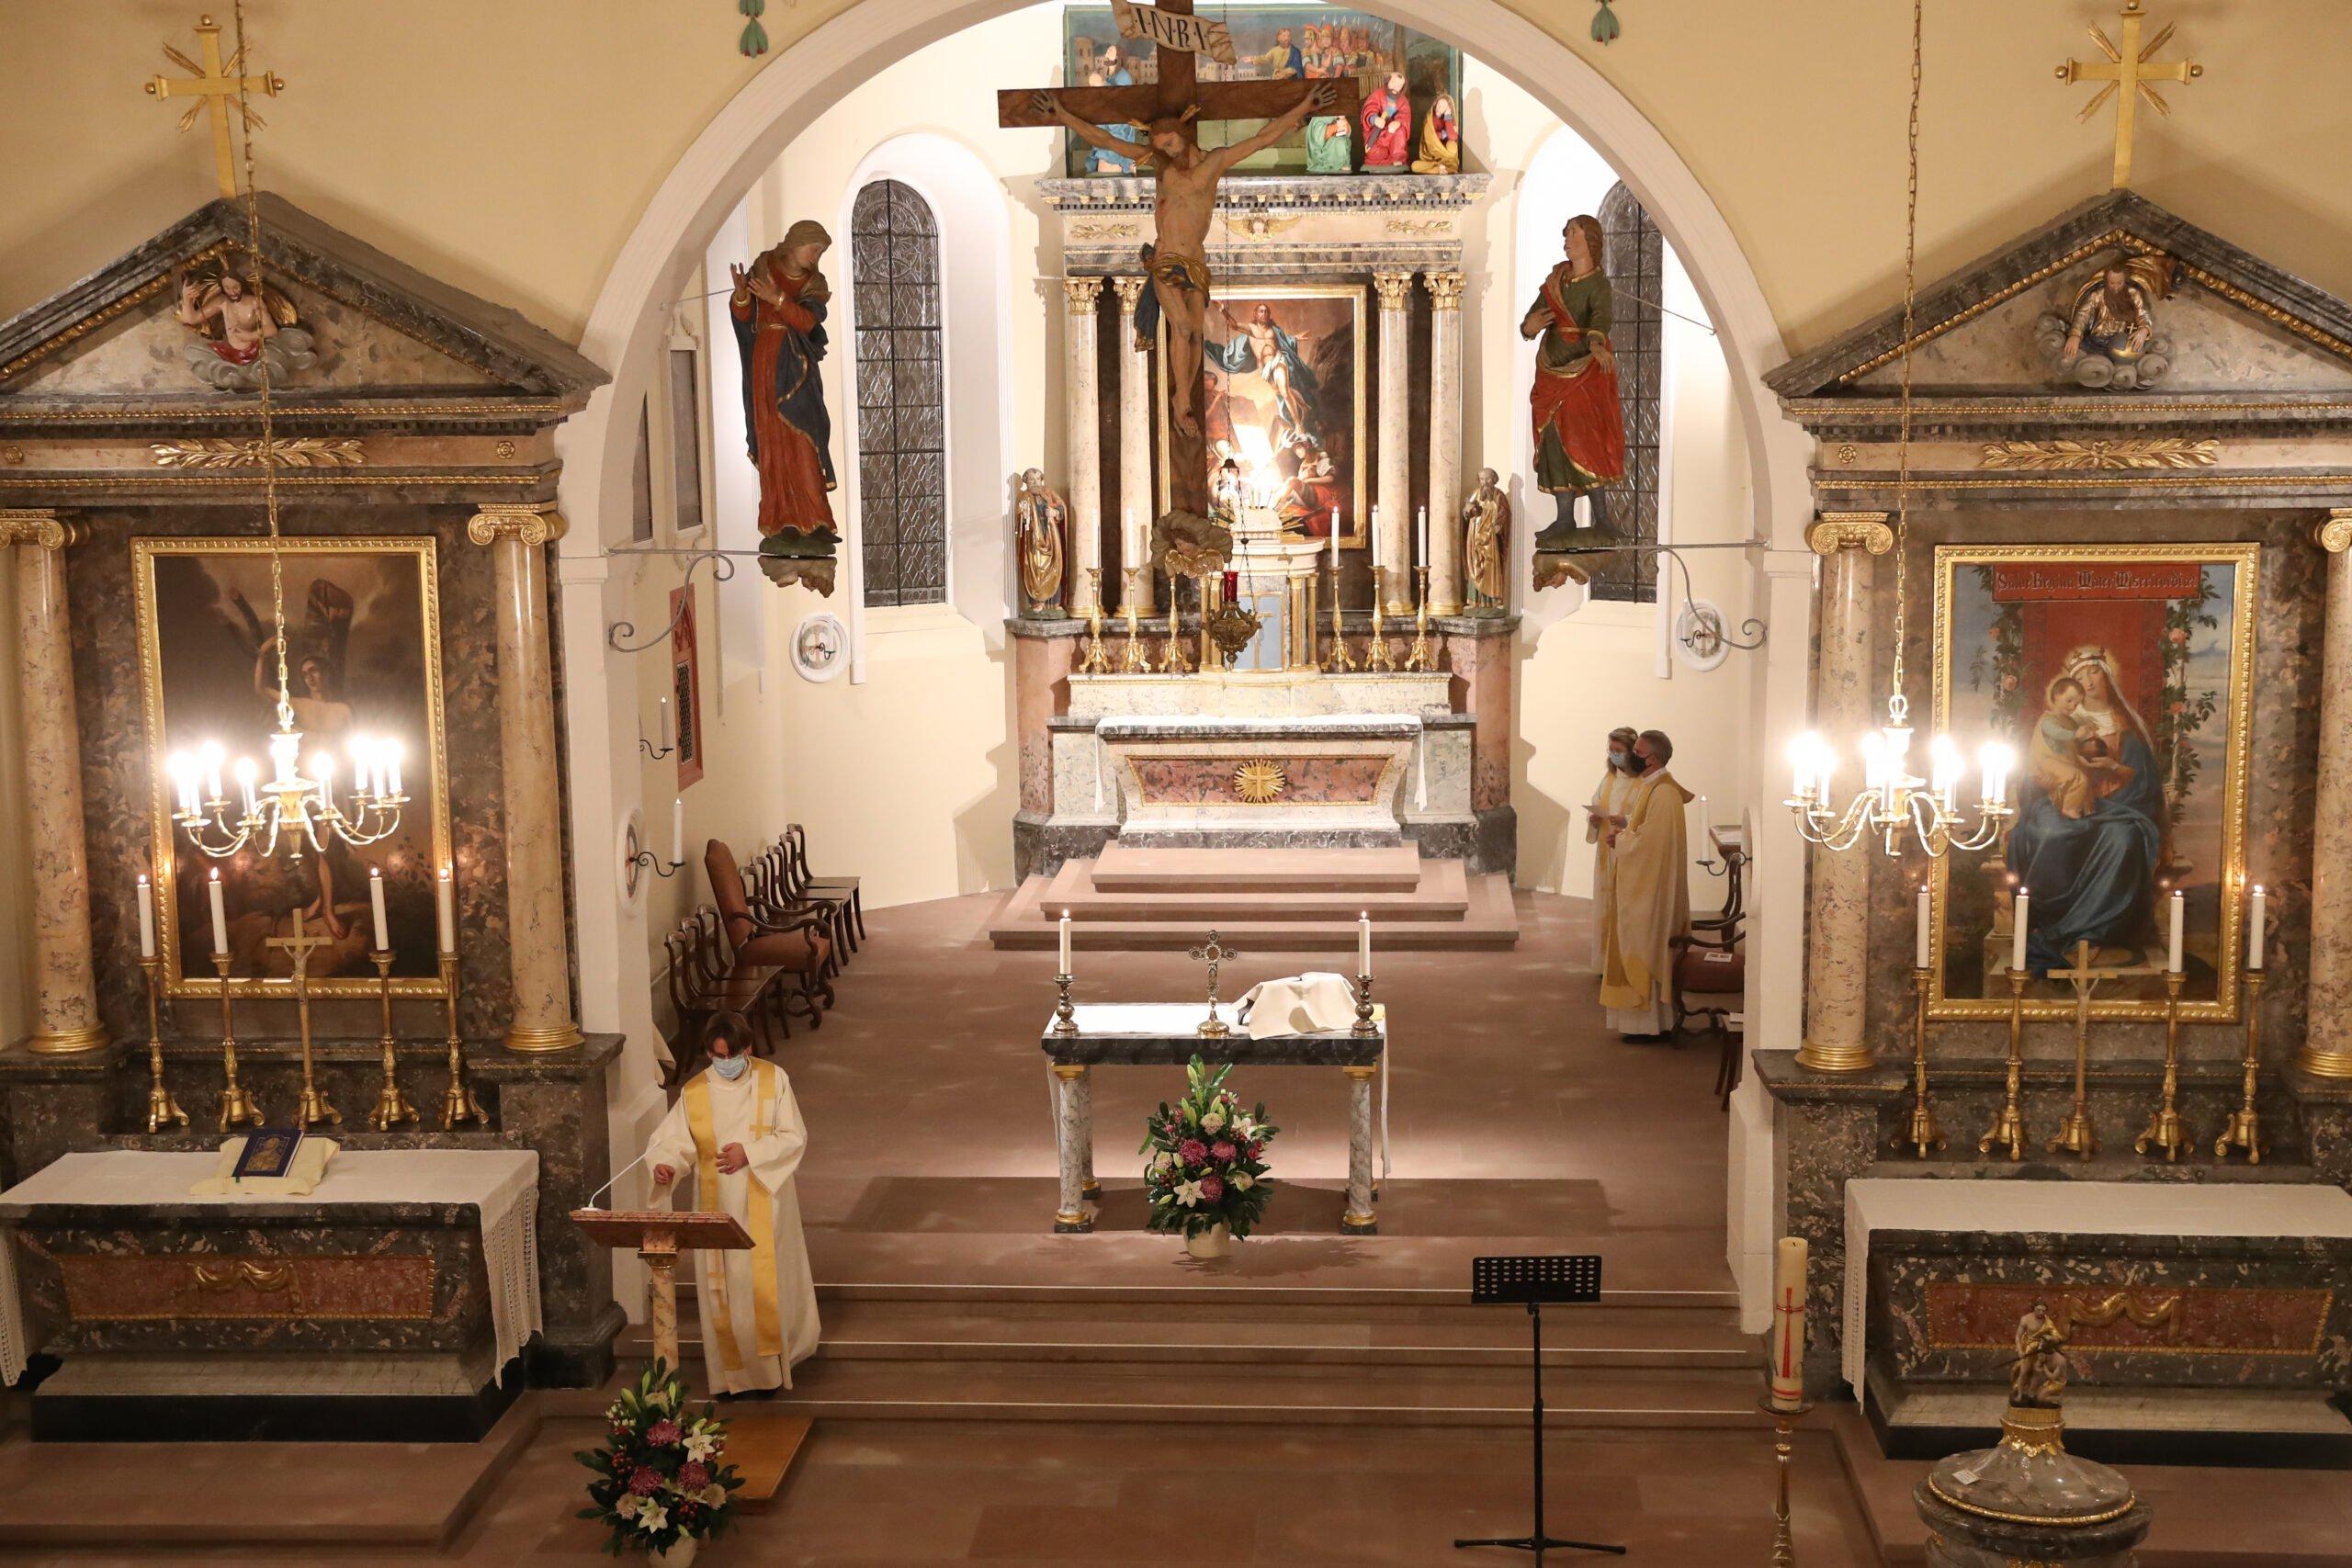 Kirchenrestauration 2020 Alte Dorfkirche St. Peter & Paul in Allschwil - Wiedereinweihung 21.&22.11.2020